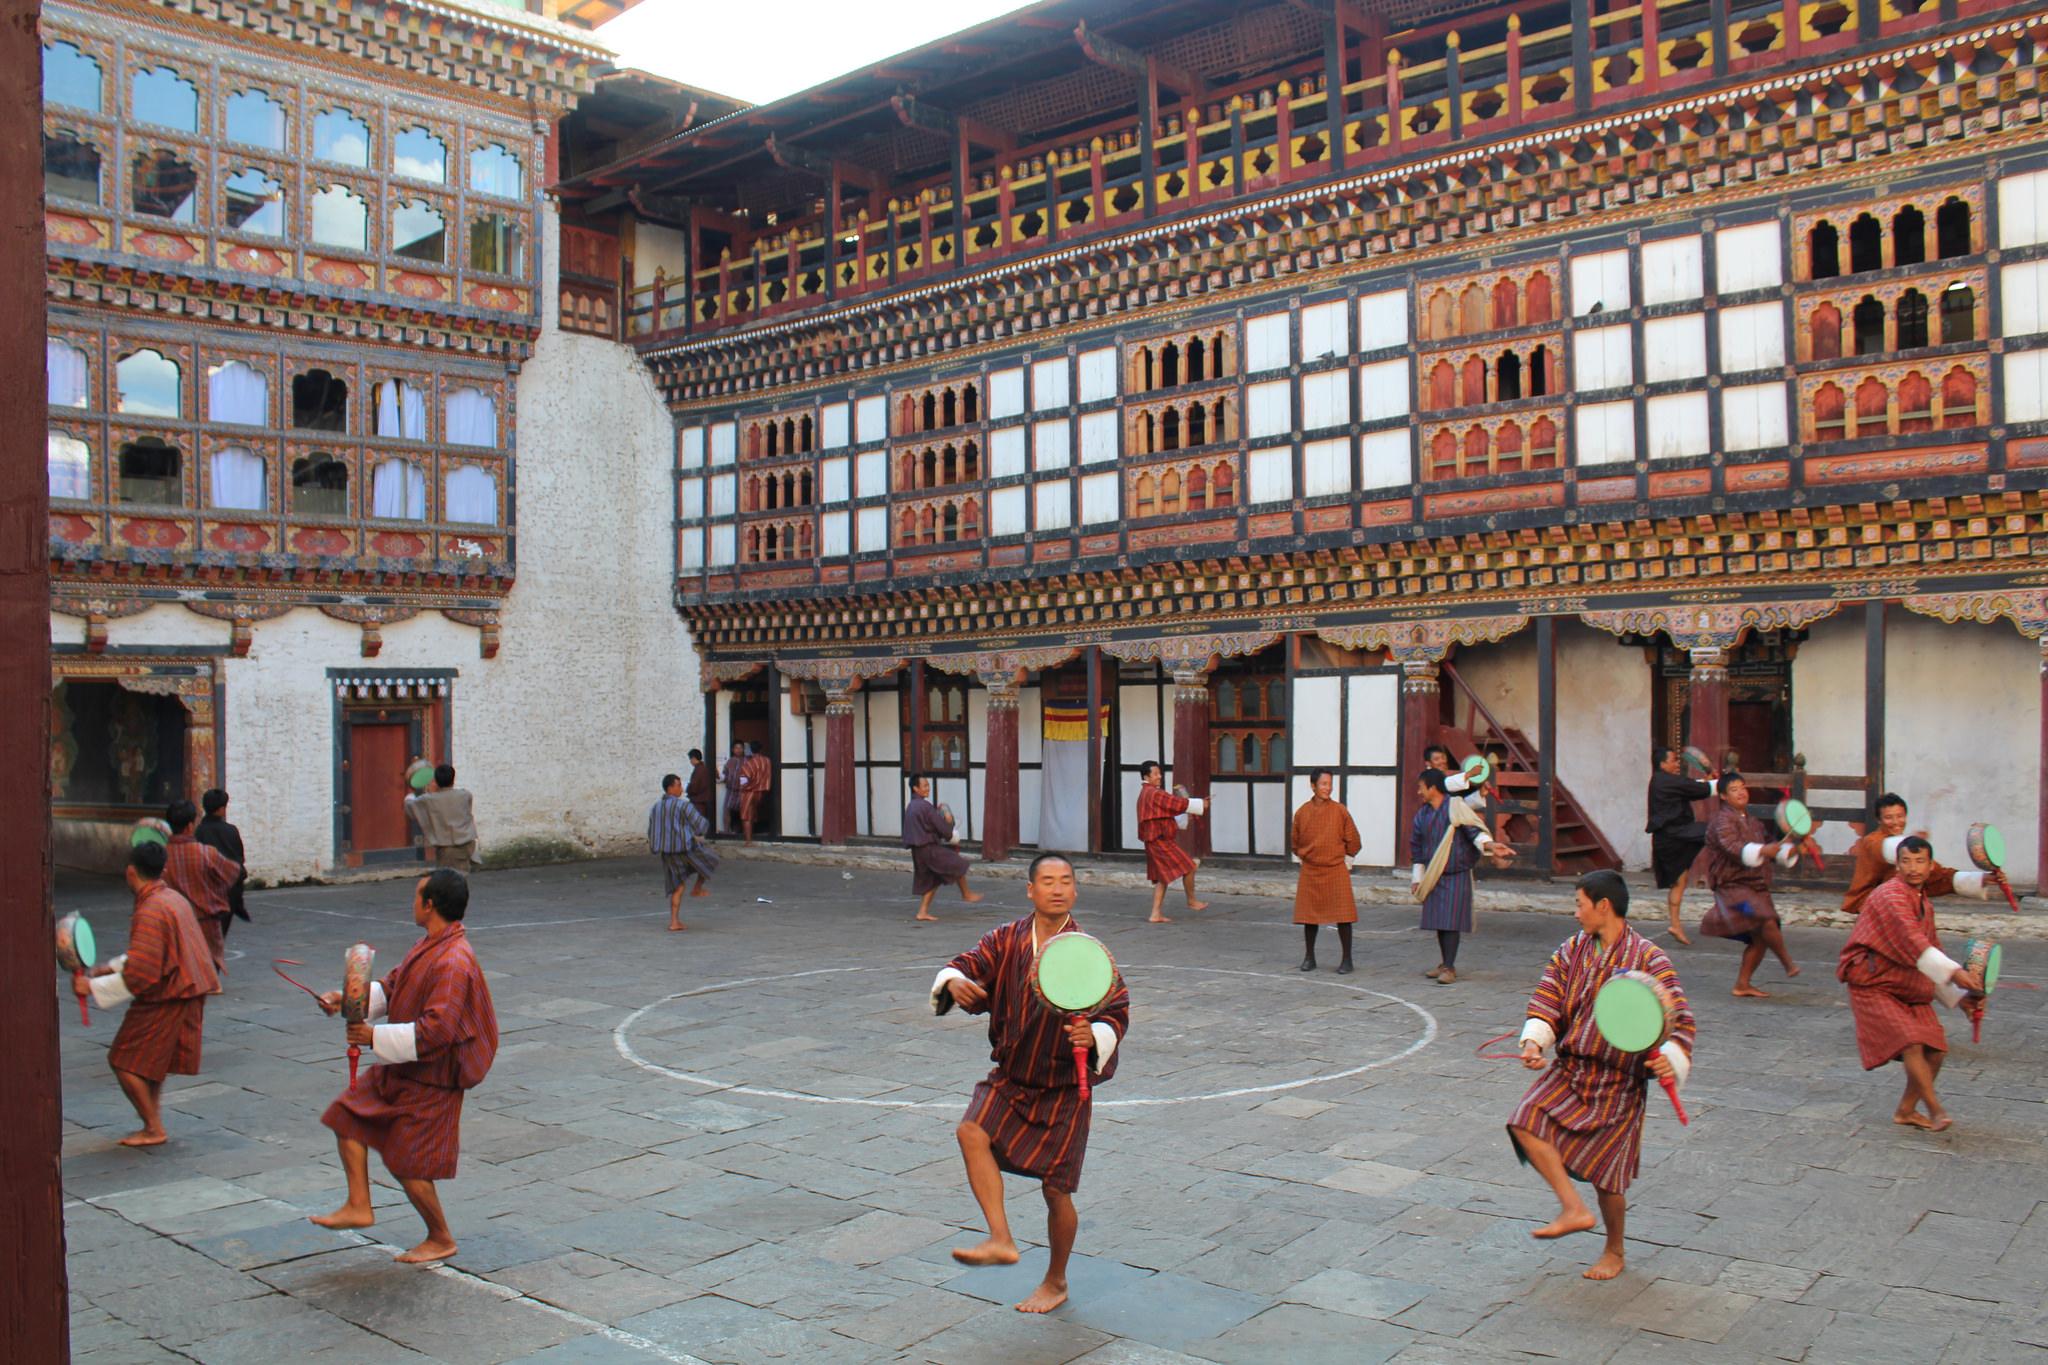 Tashigang Dzong, practising for a tshechu